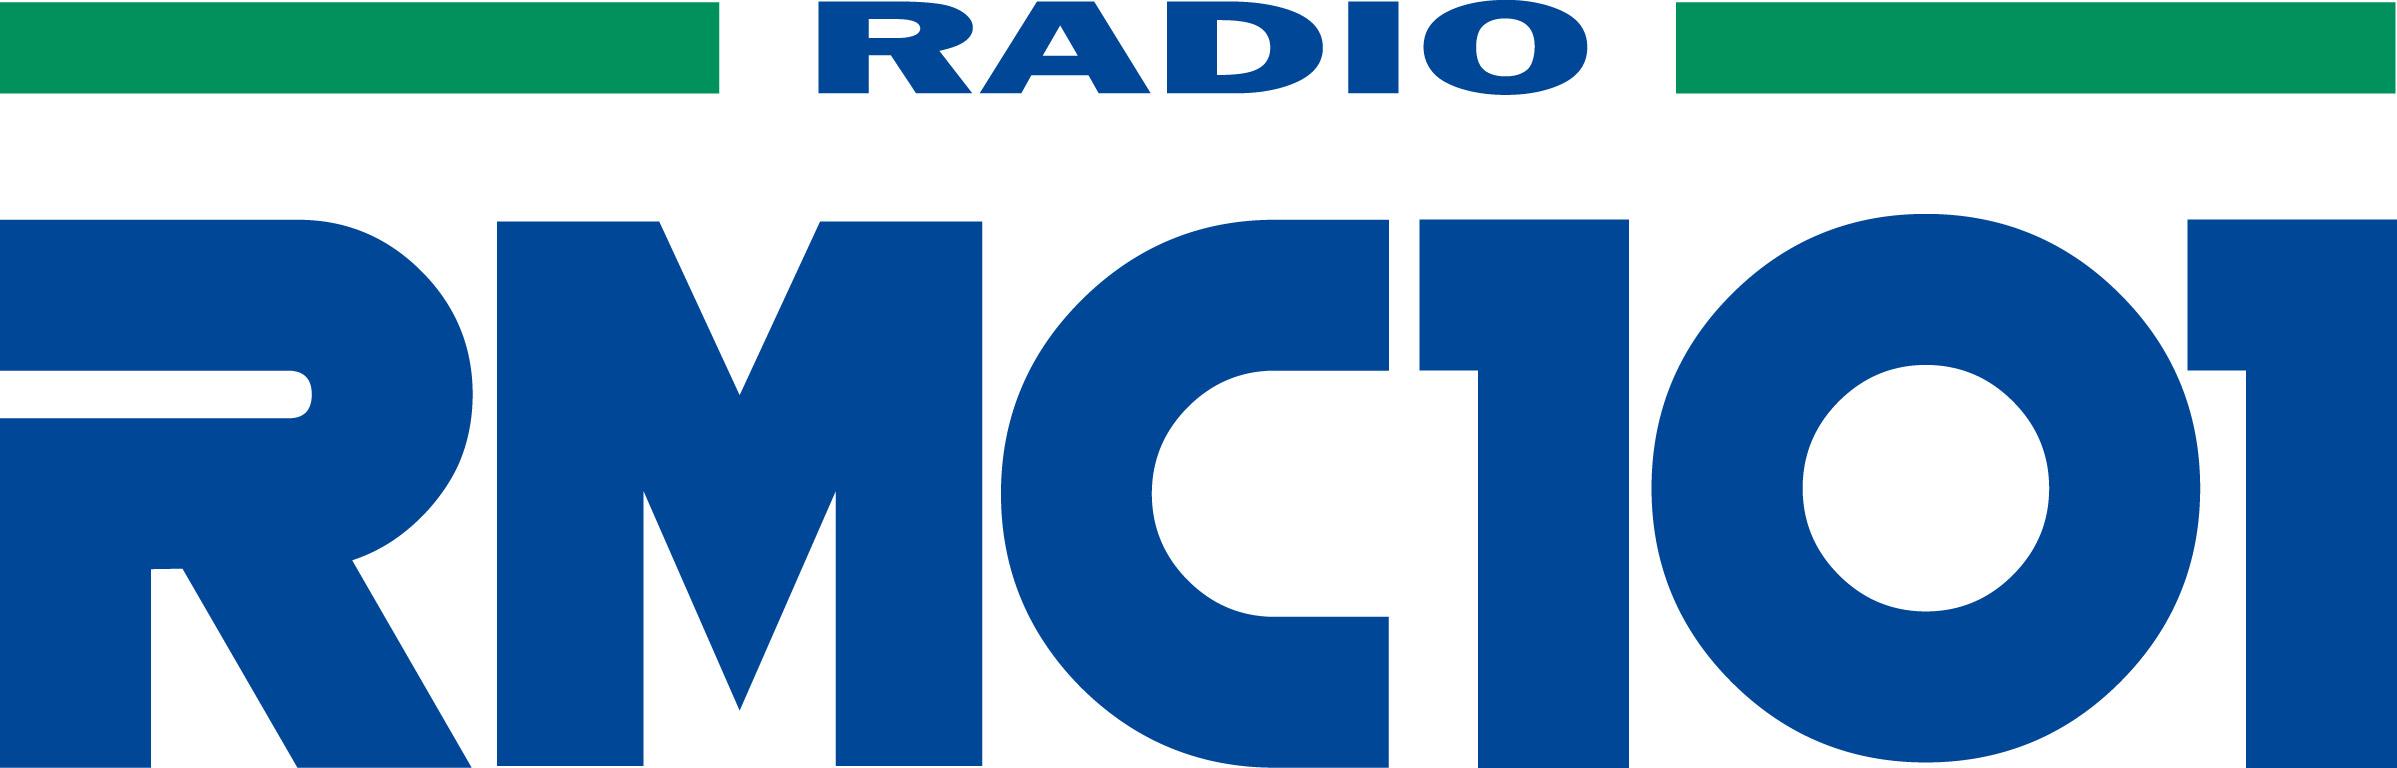 RADIO RMC 101